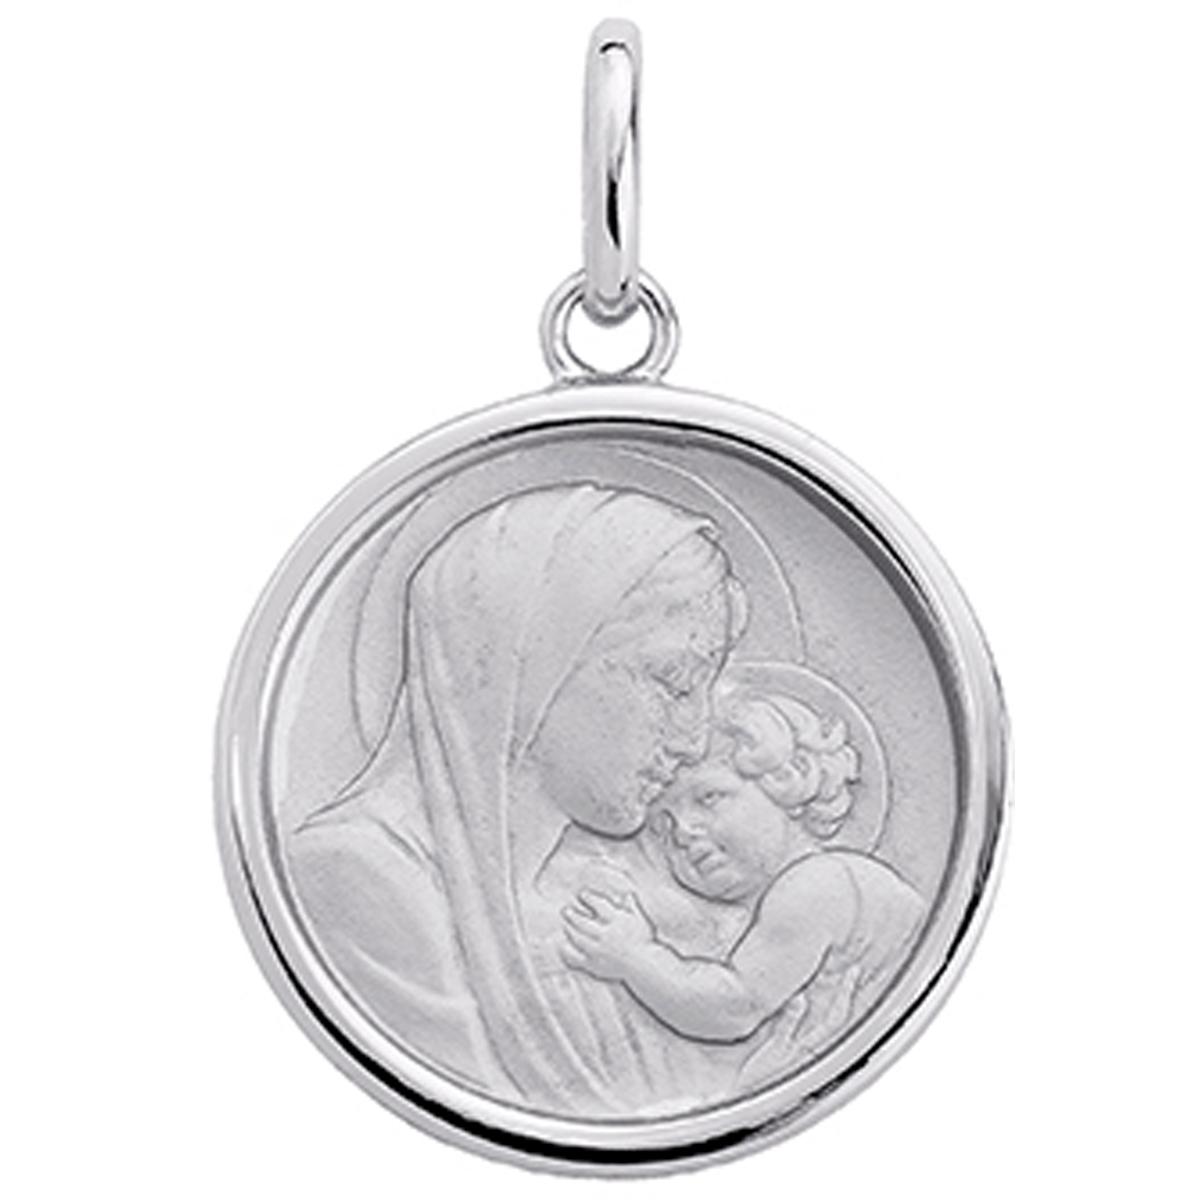 Pendentif argent \'Vierge Marie\' argenté (rhodié) - 18 mm - [P4397]